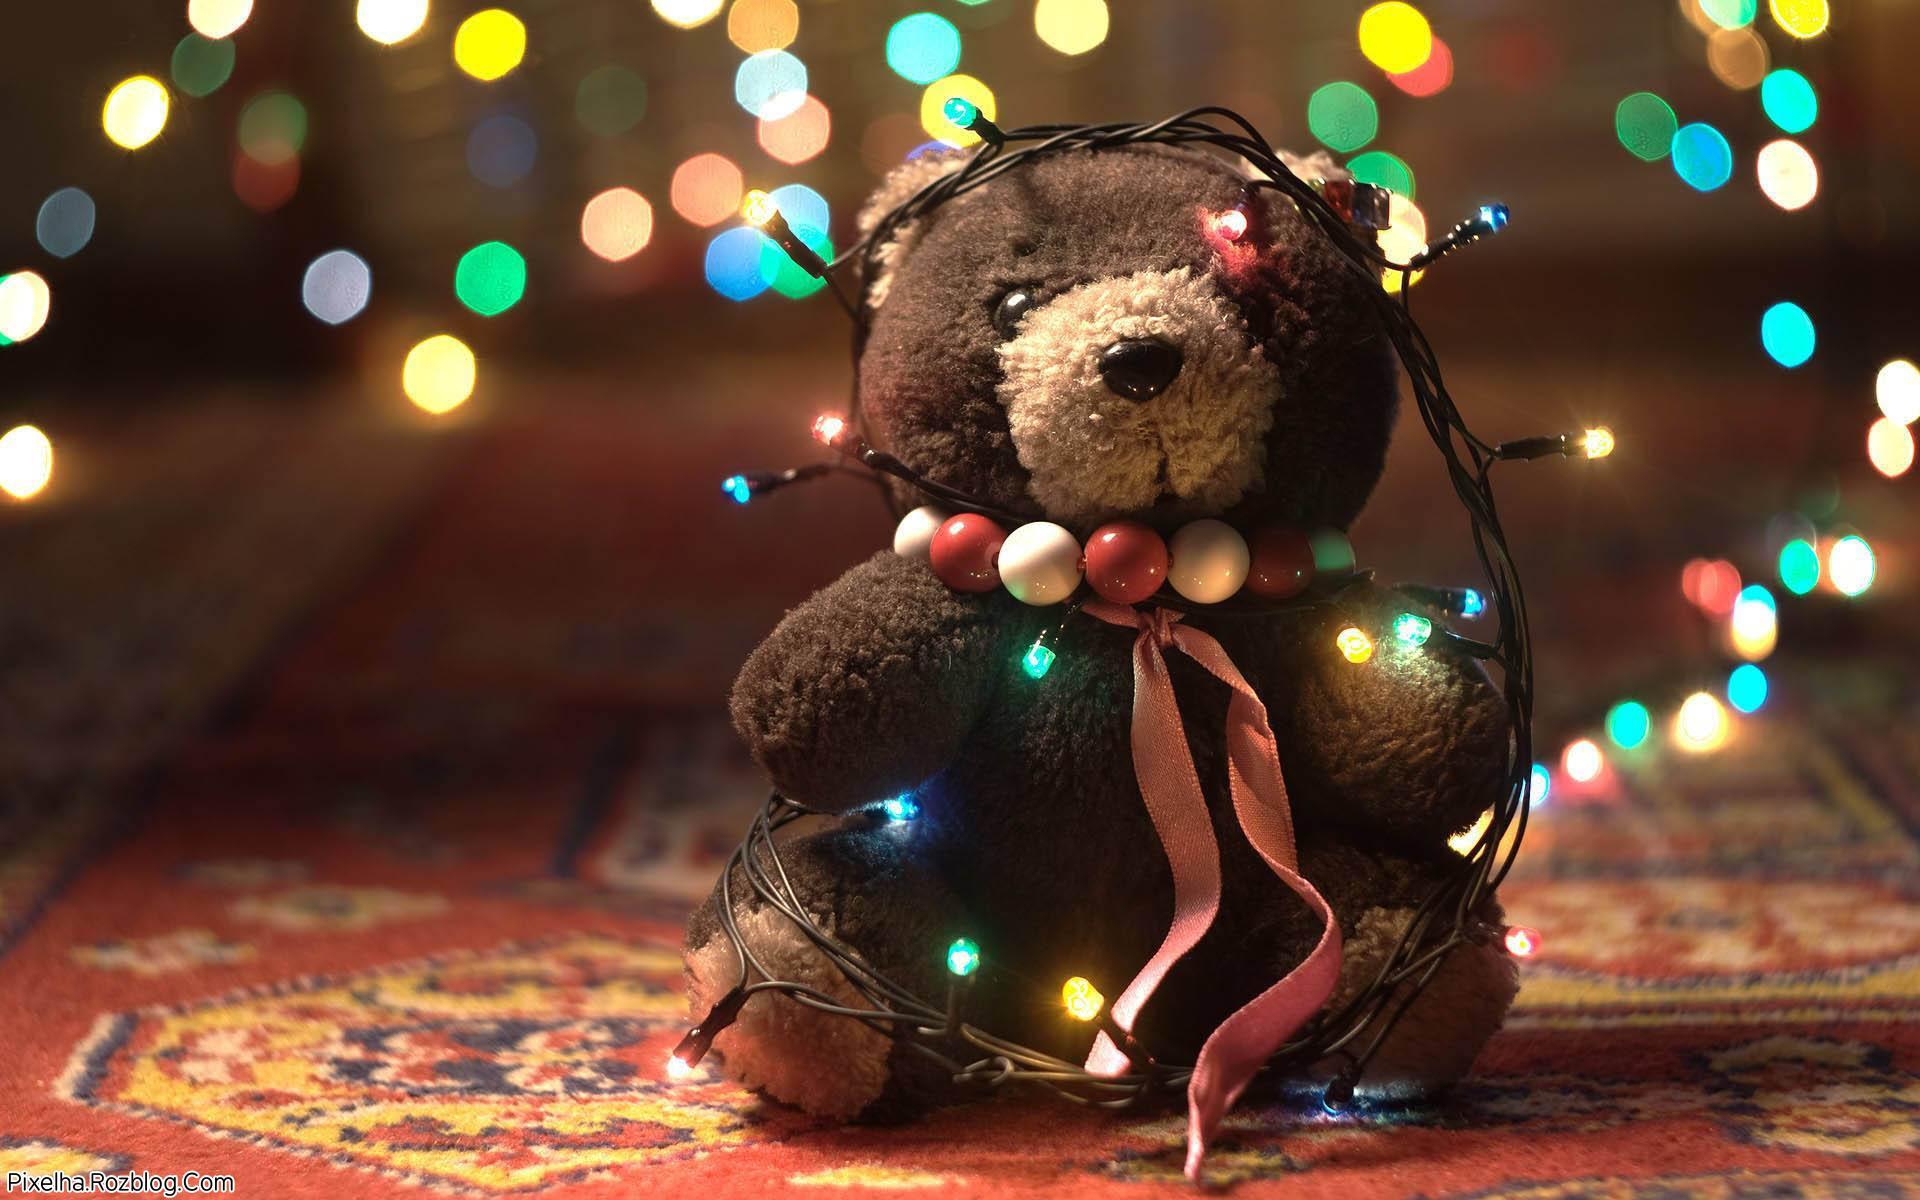 خرس عروسکی چراغونی شده برای روز ولنتاین